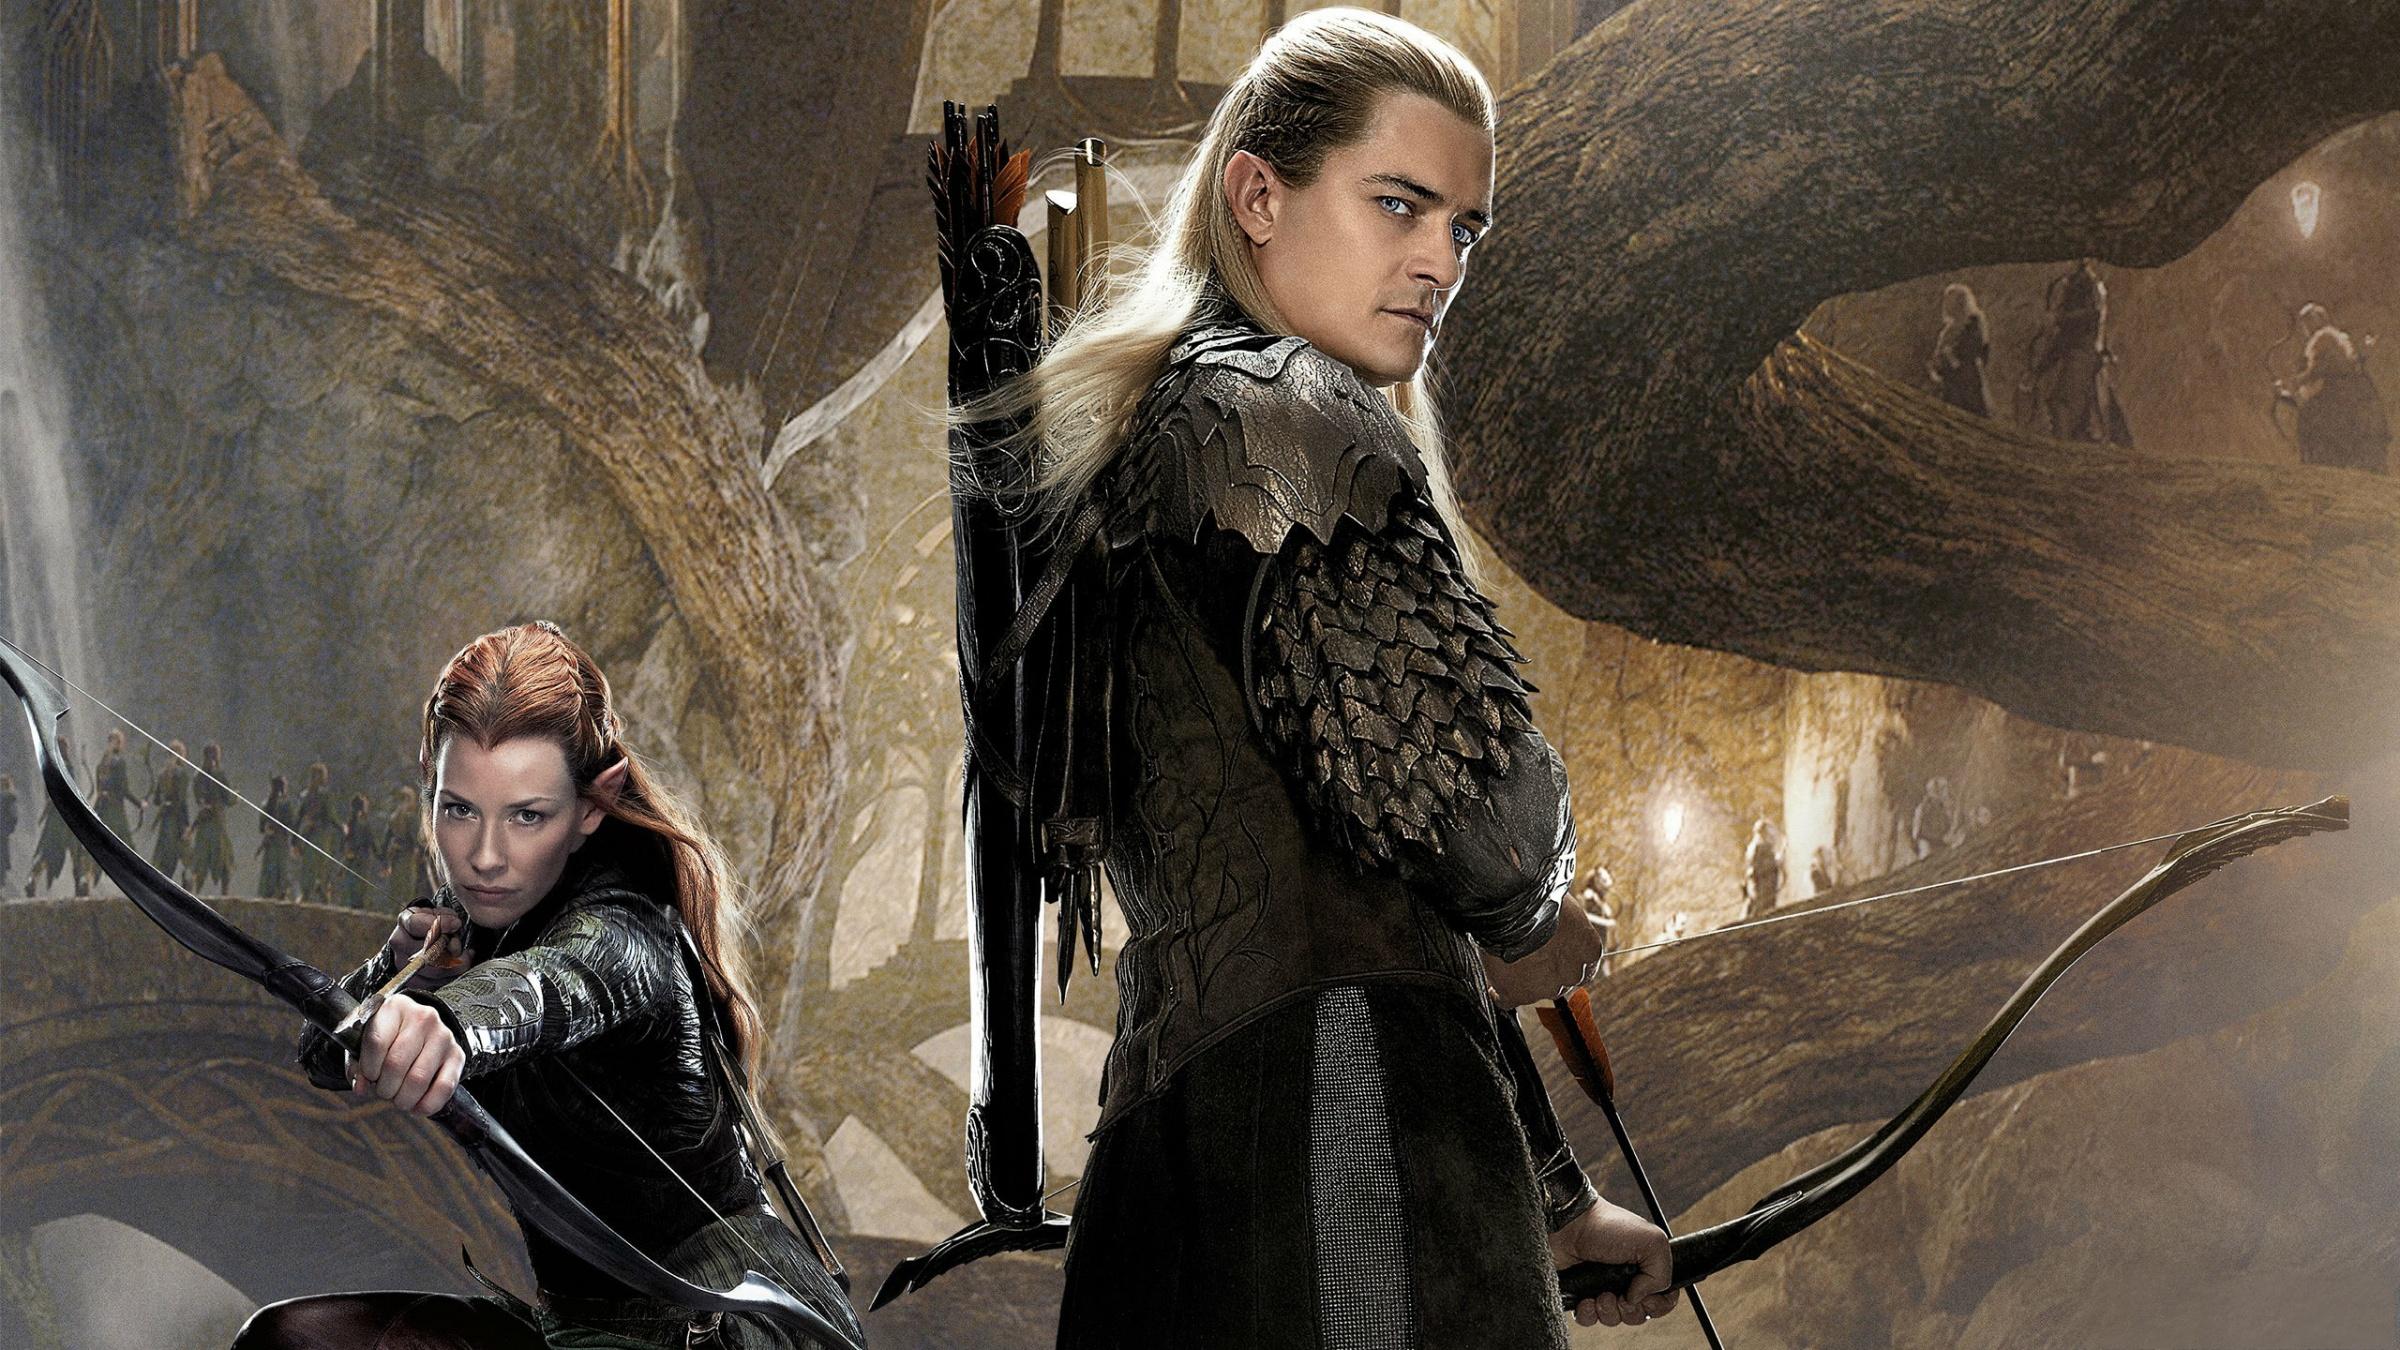 tauriel_legolas_in_the_hobbit_2-2400x1350